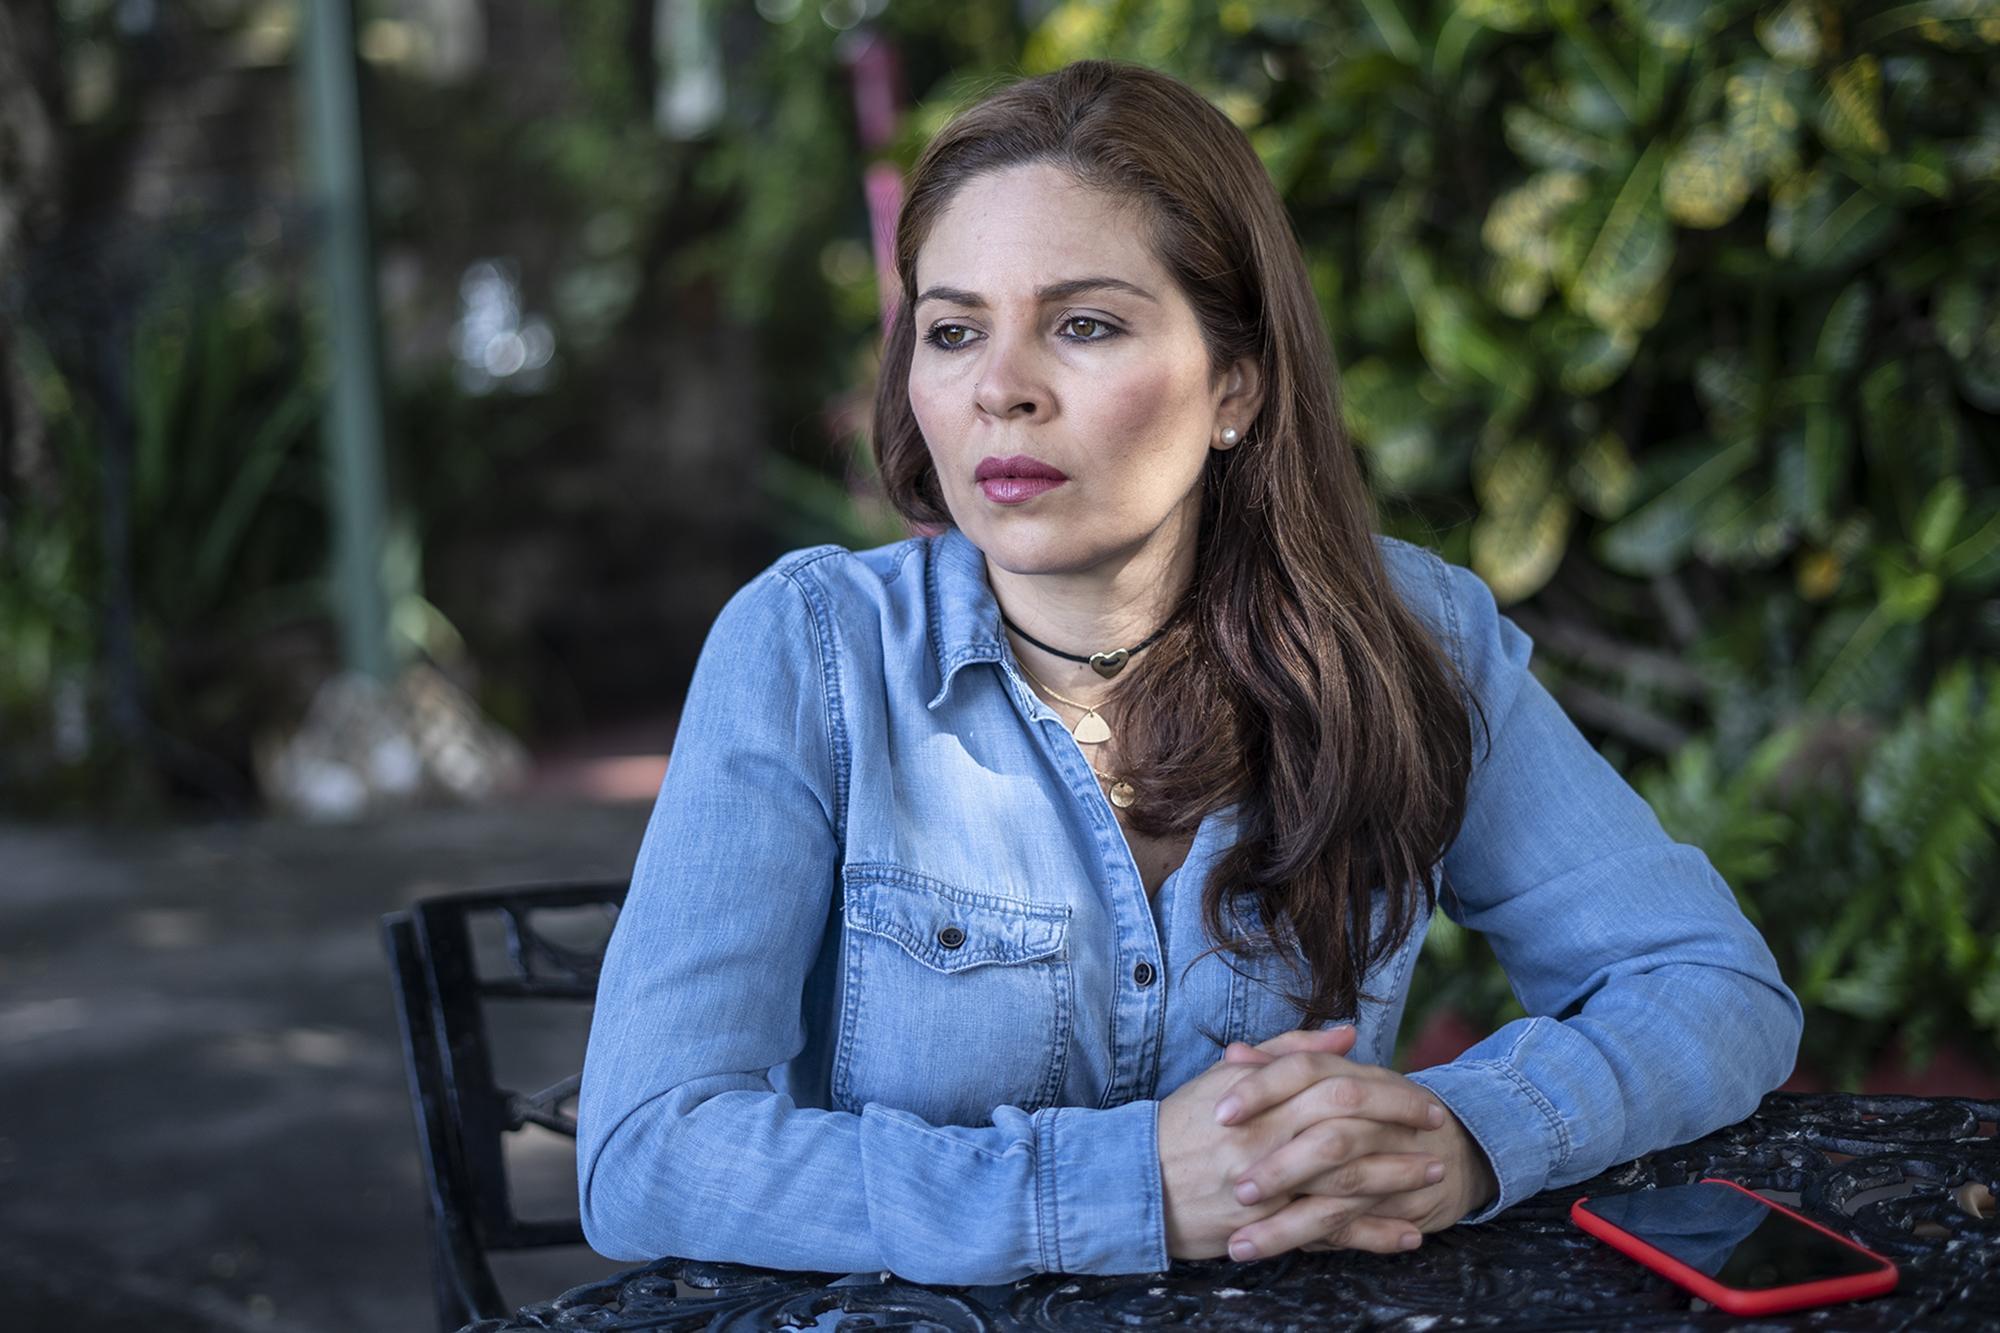 Retrato de Bertha María Deleón el jueves 11 de julio de 2019. Foto: Carlos Barrera